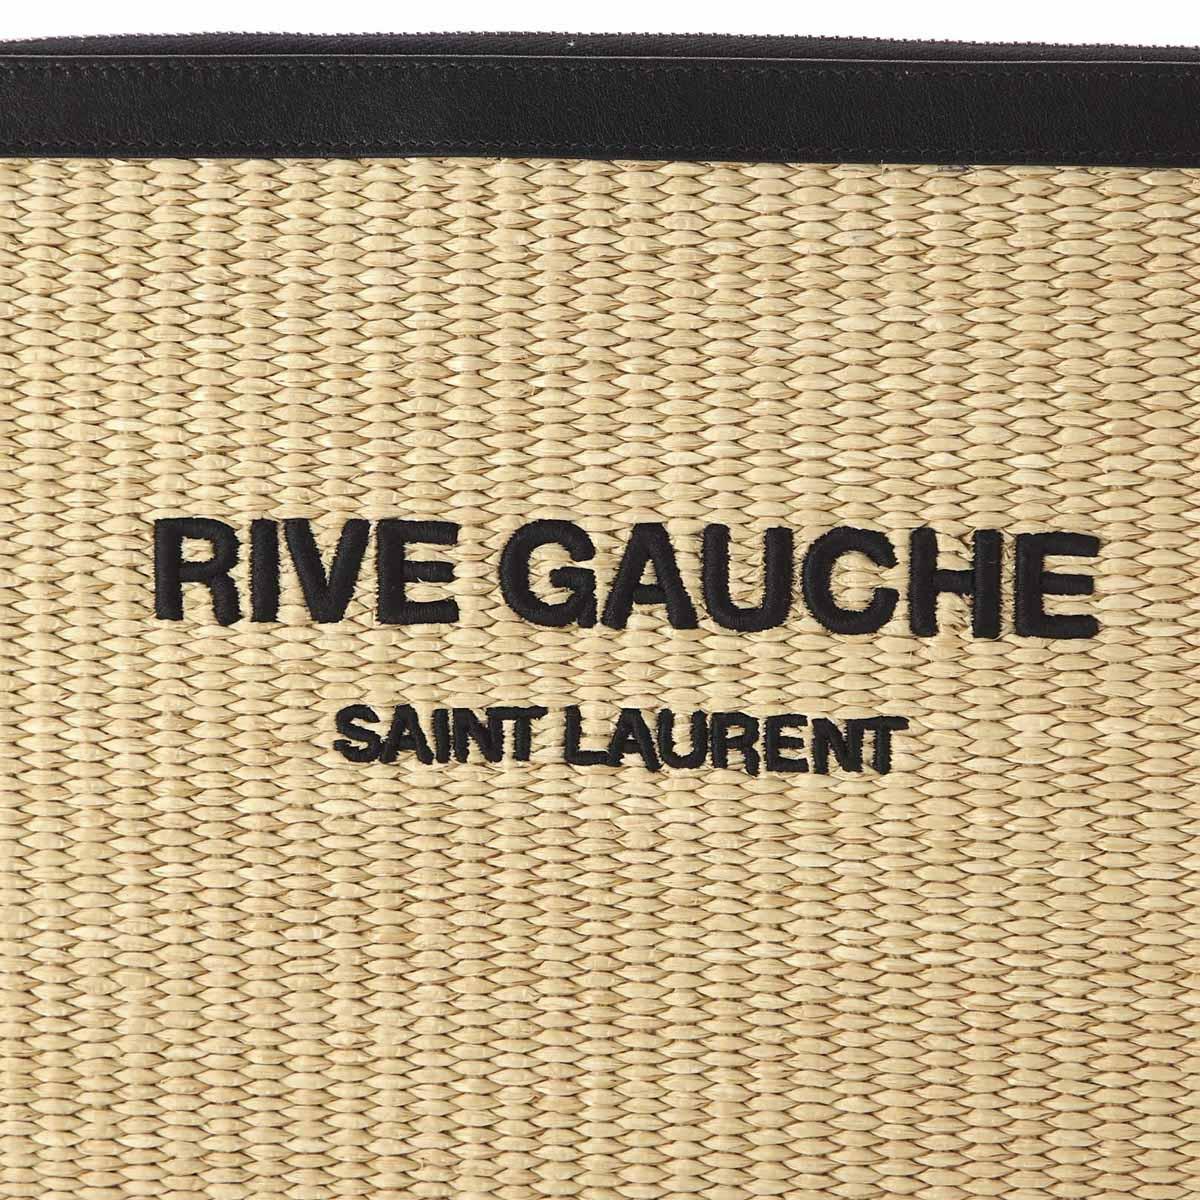 【タイムセール】SAINT LAURENT サンローラン クラッチバッグ /RIVE GAUCHE リヴ・ゴーシュ レディース